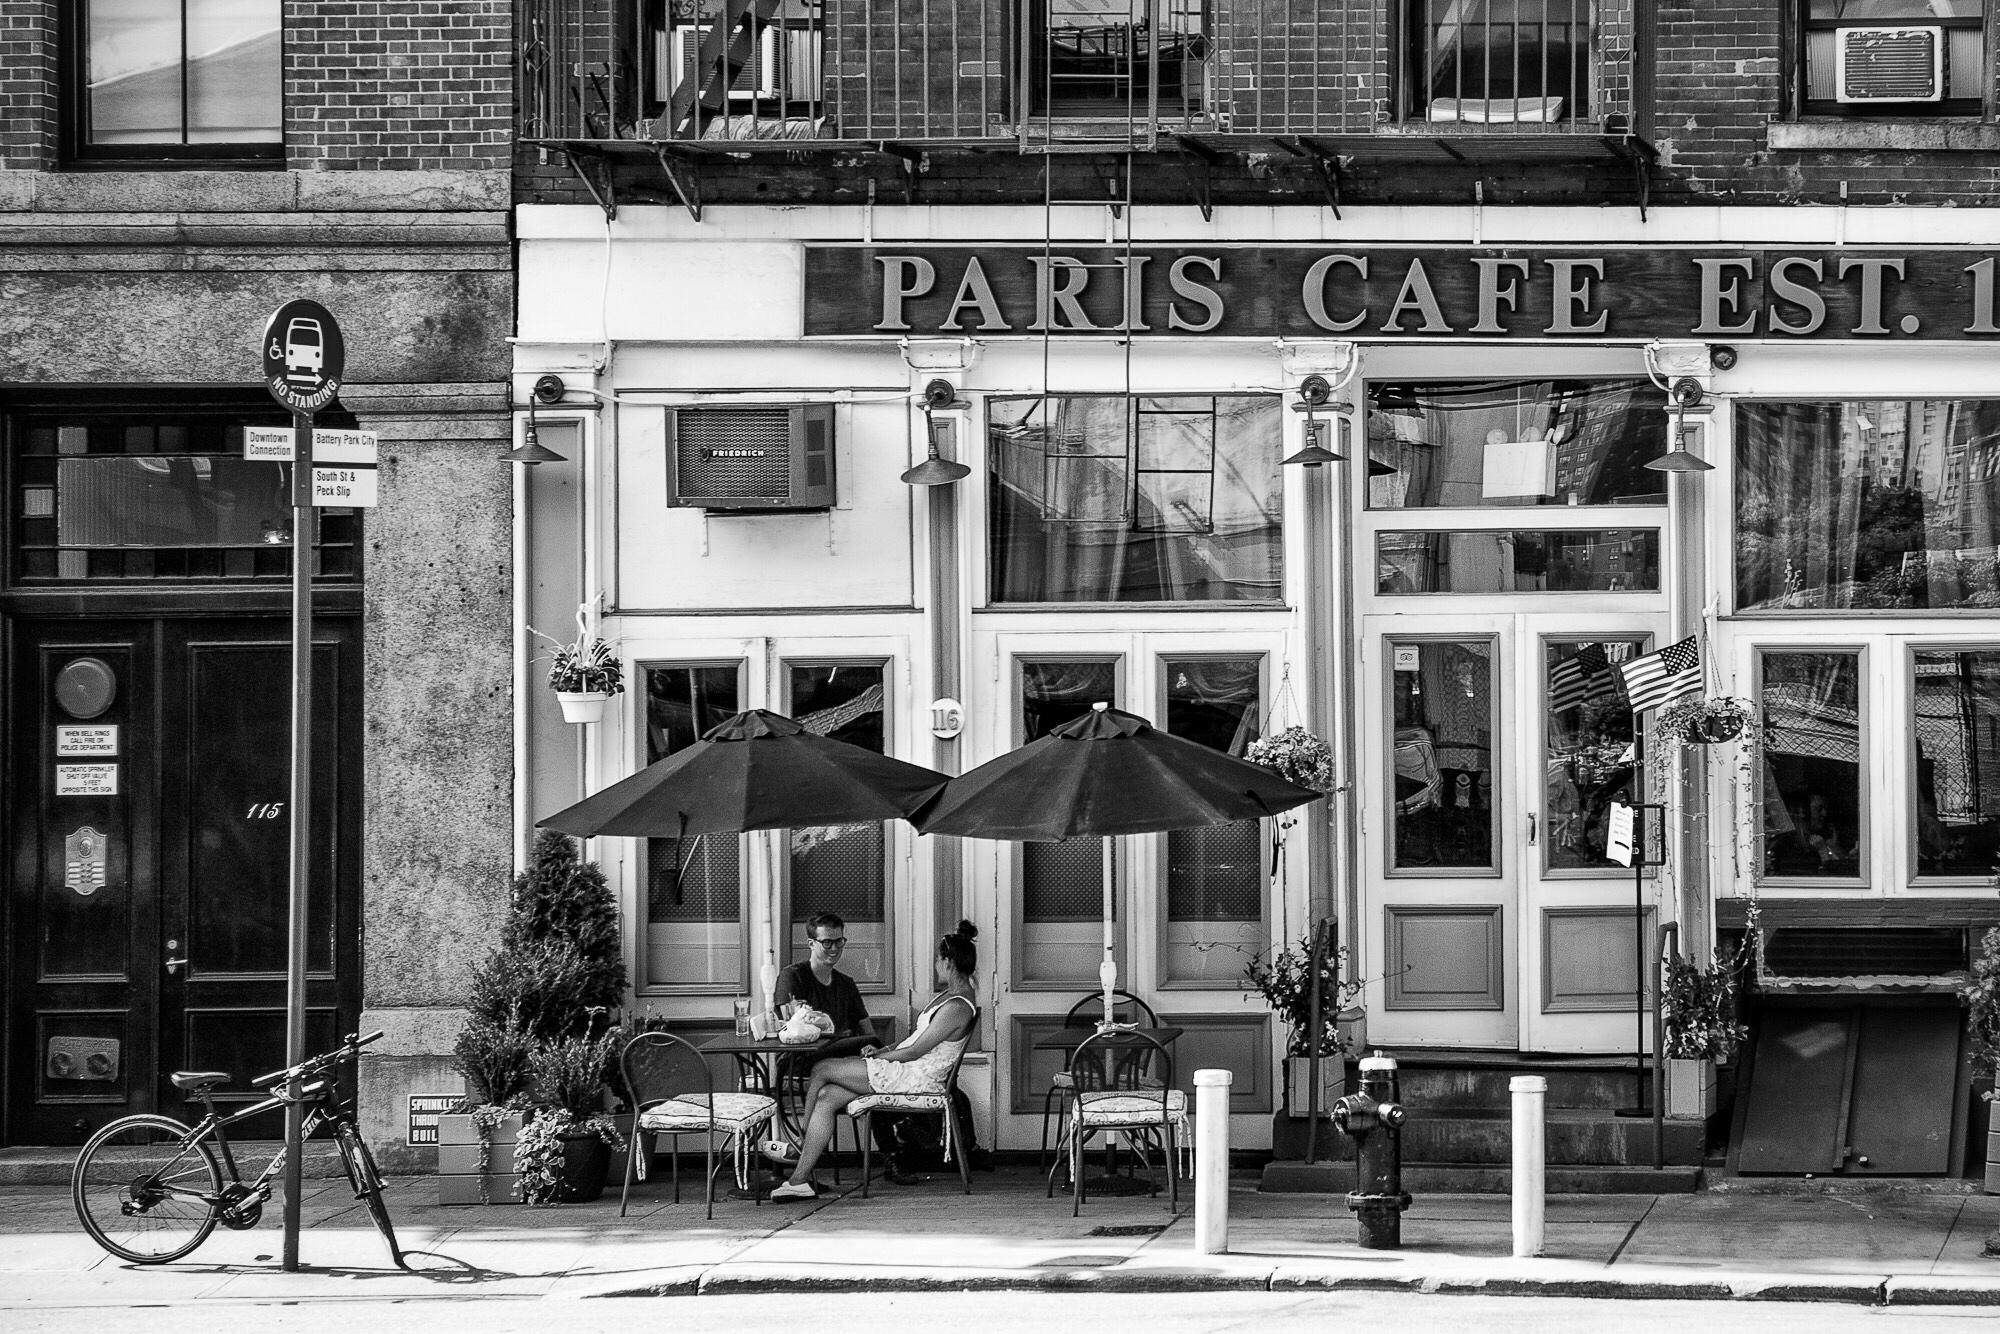 ParisCafeNYC.JPG